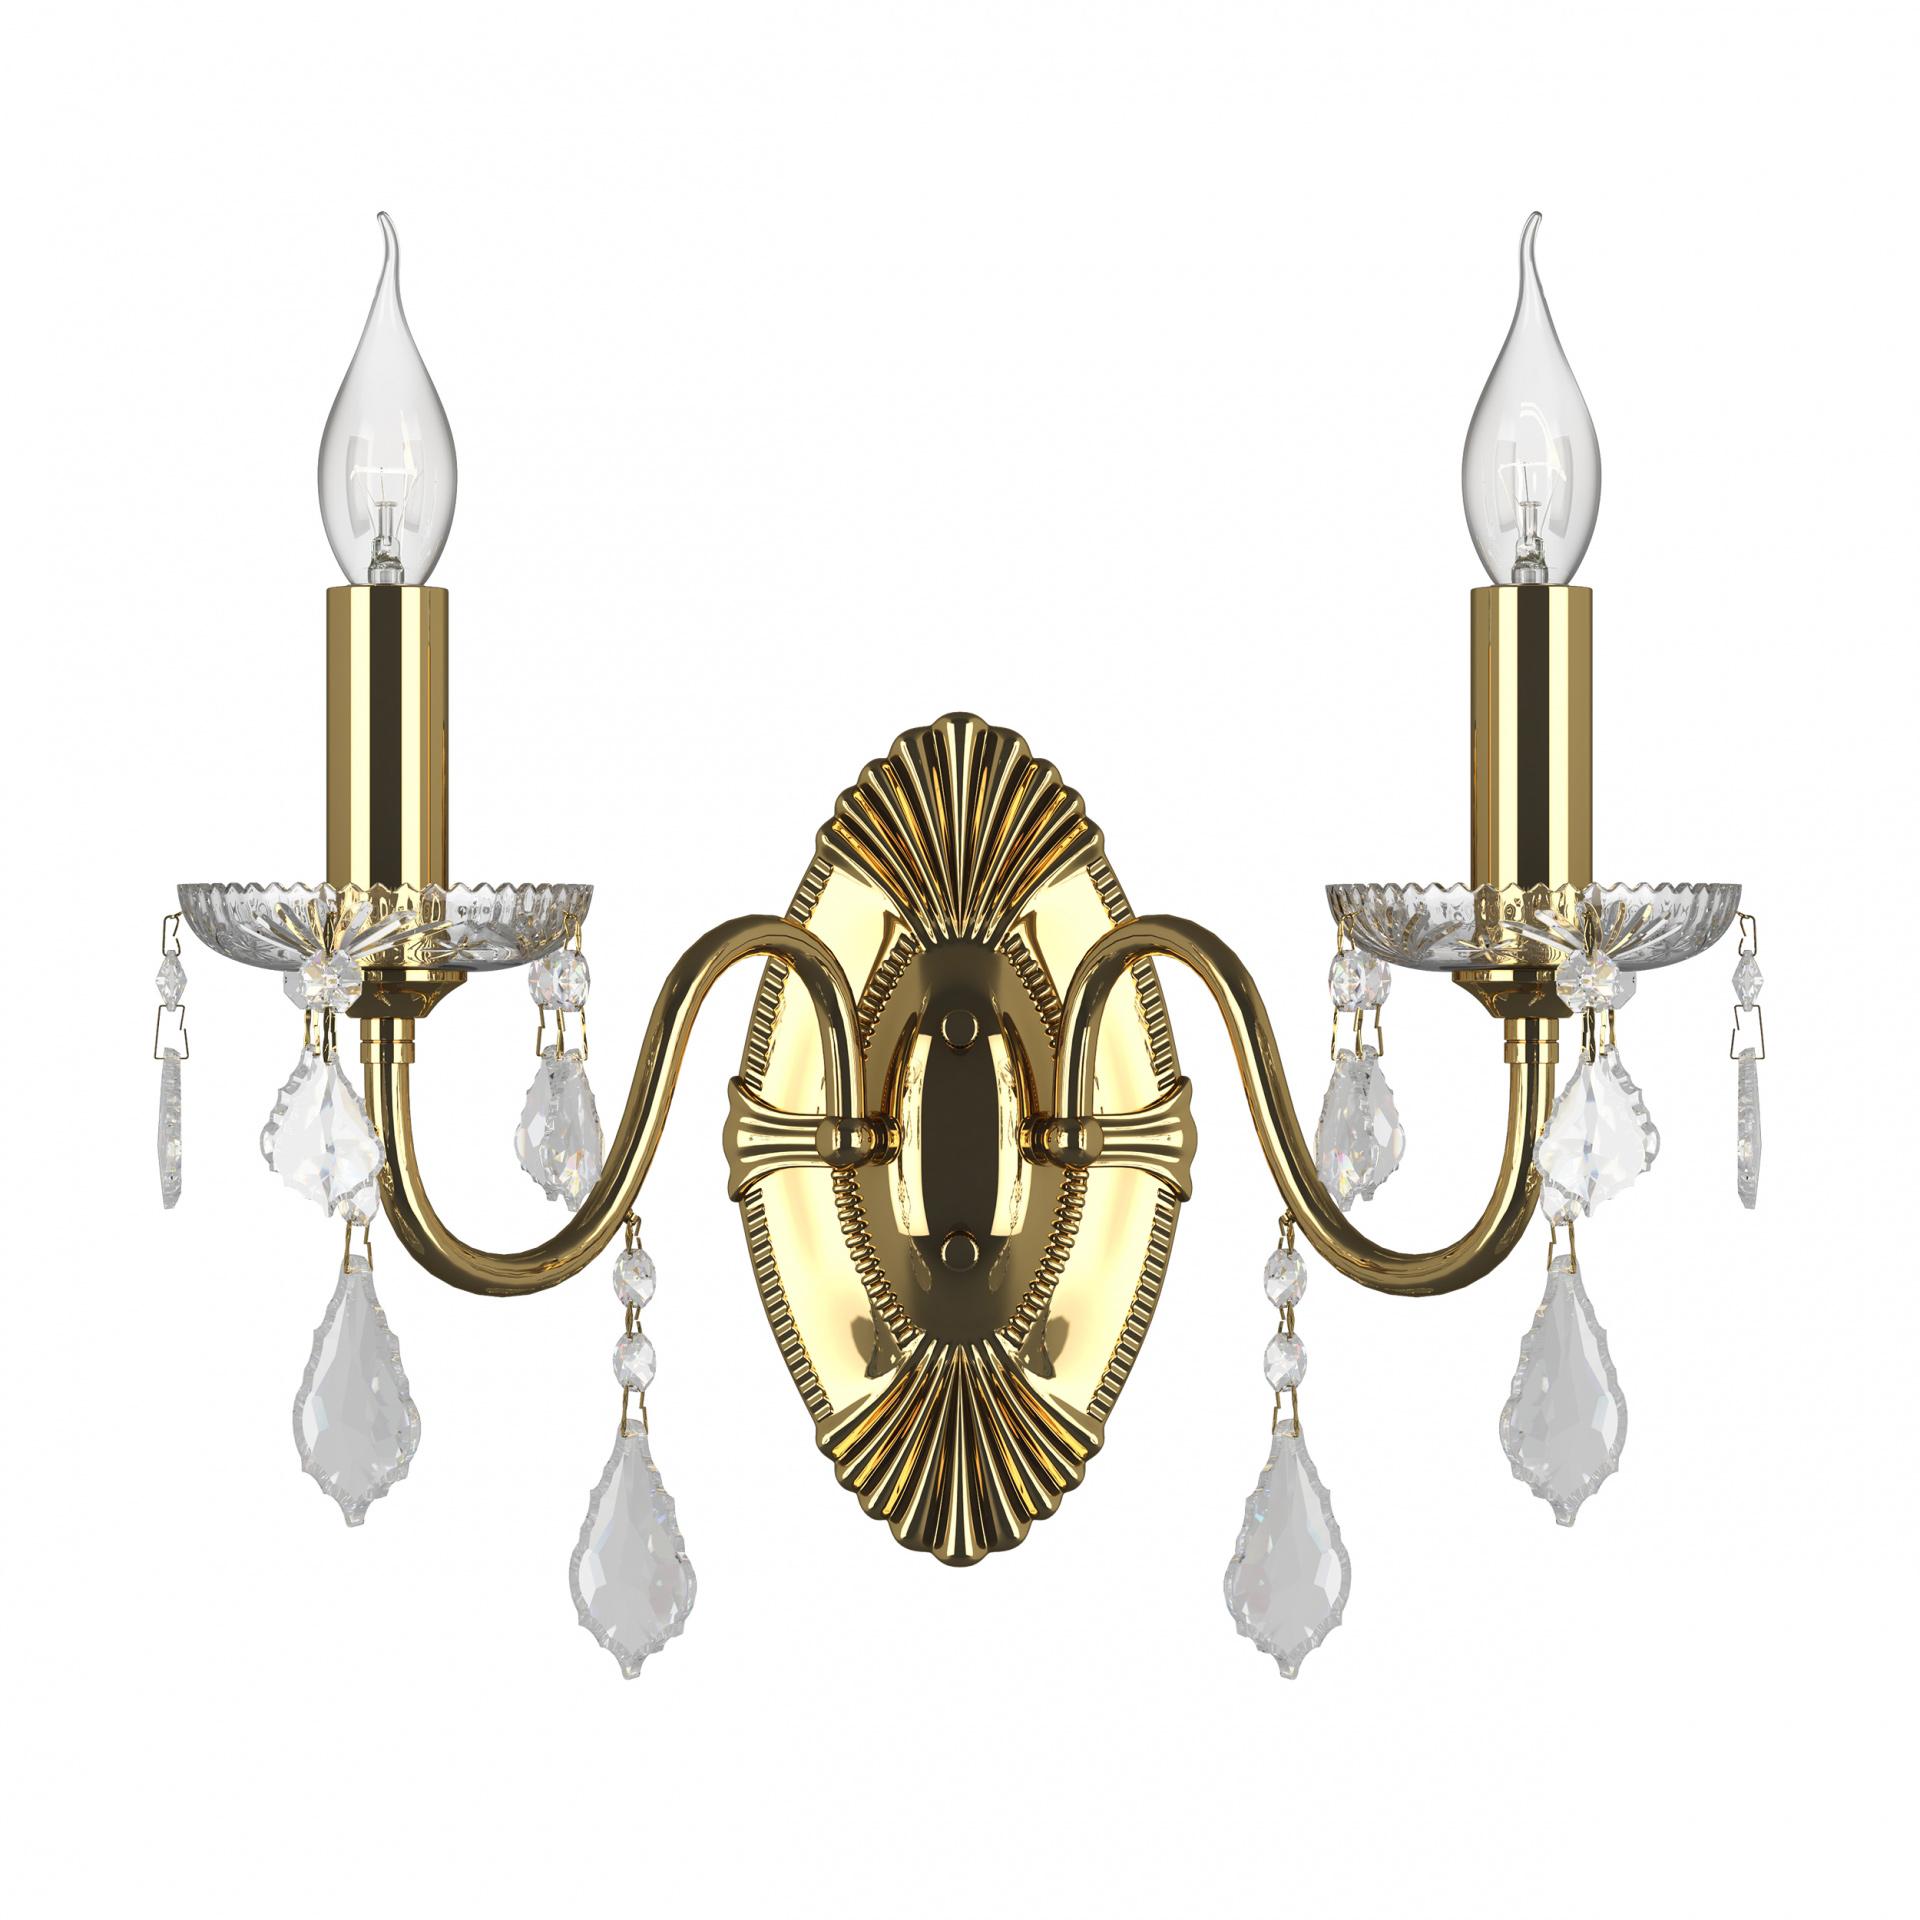 Бра Classic 2х60W E14 золото Osgona 700622, купить в СПб, Москве, с доставкой, Санкт-Петербург, интернет-магазин люстр и светильников Starlight, фото в жизни